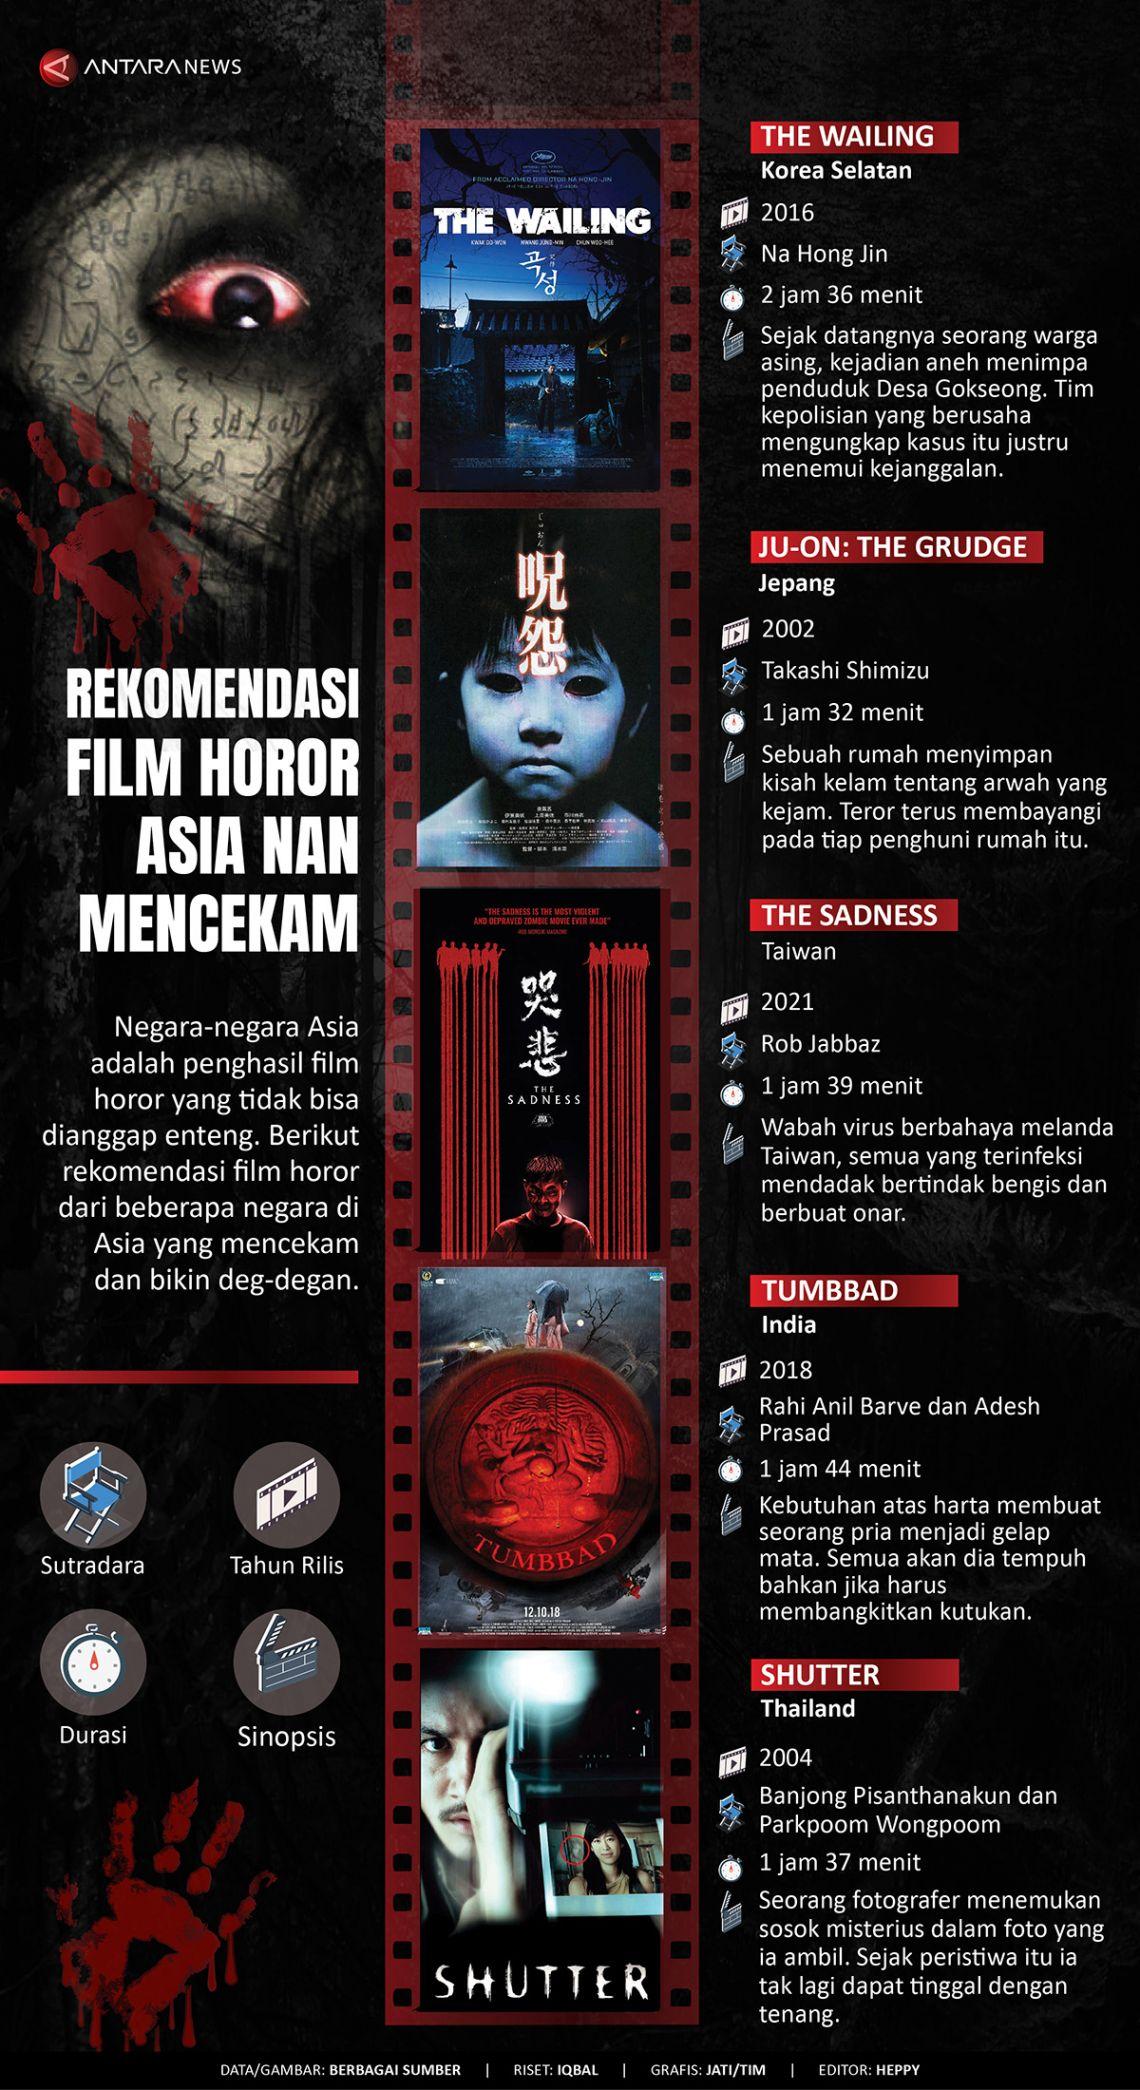 Rekomendasi film horor Asia nan mecekam